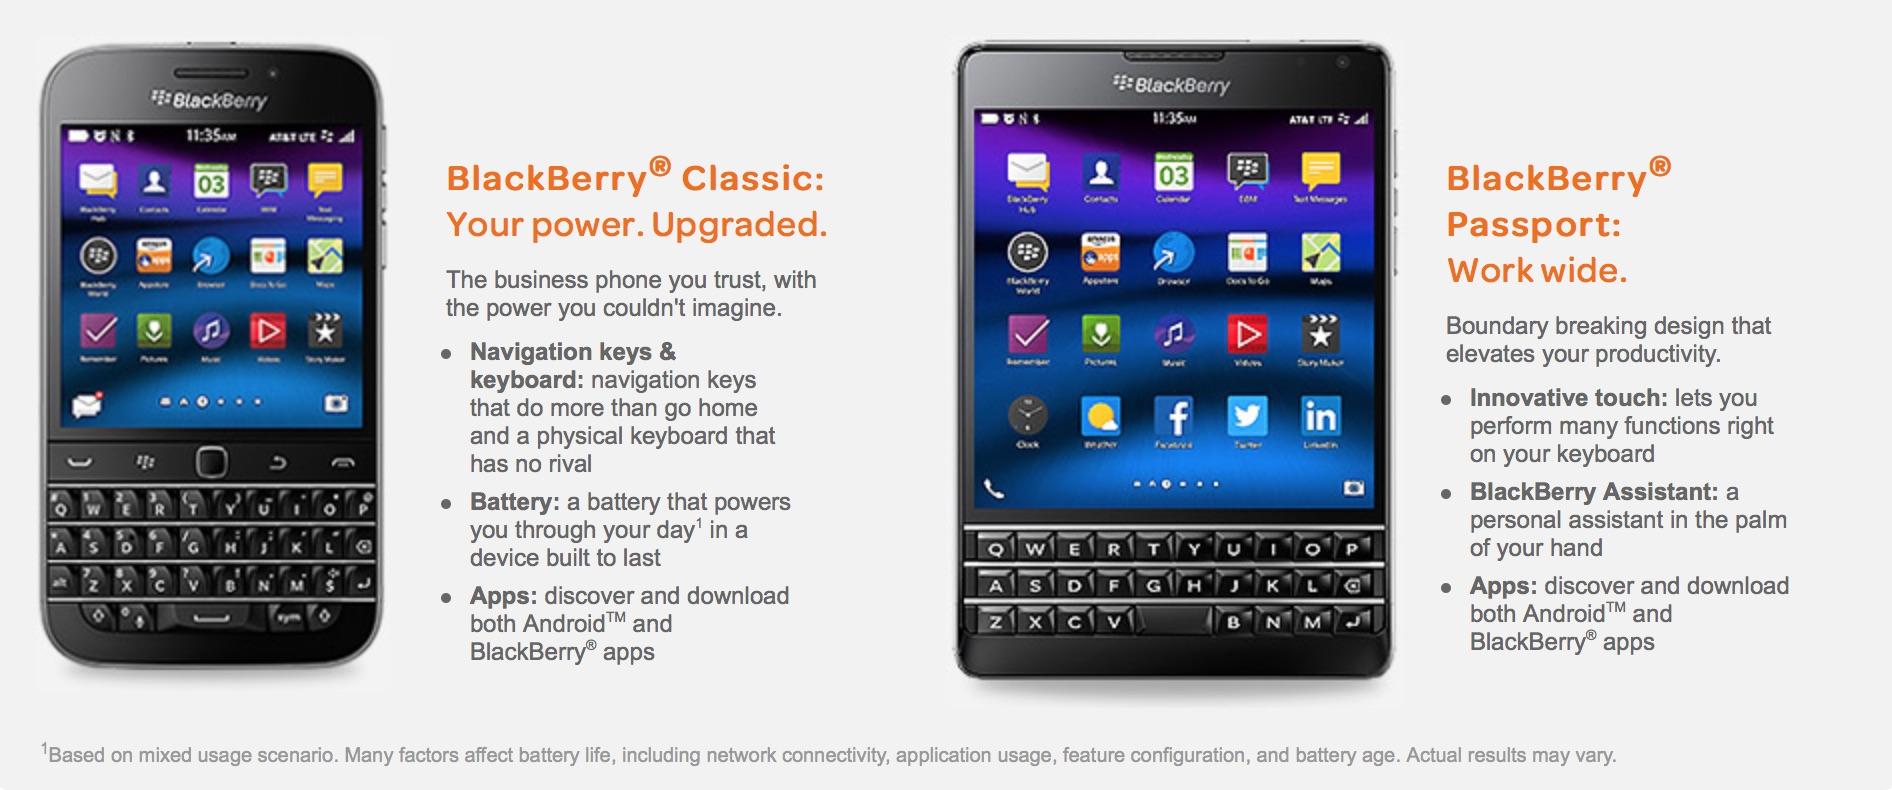 ces 2015 blackberry annonce une nouvelle version du passport en exclusivit chez at t geeks. Black Bedroom Furniture Sets. Home Design Ideas